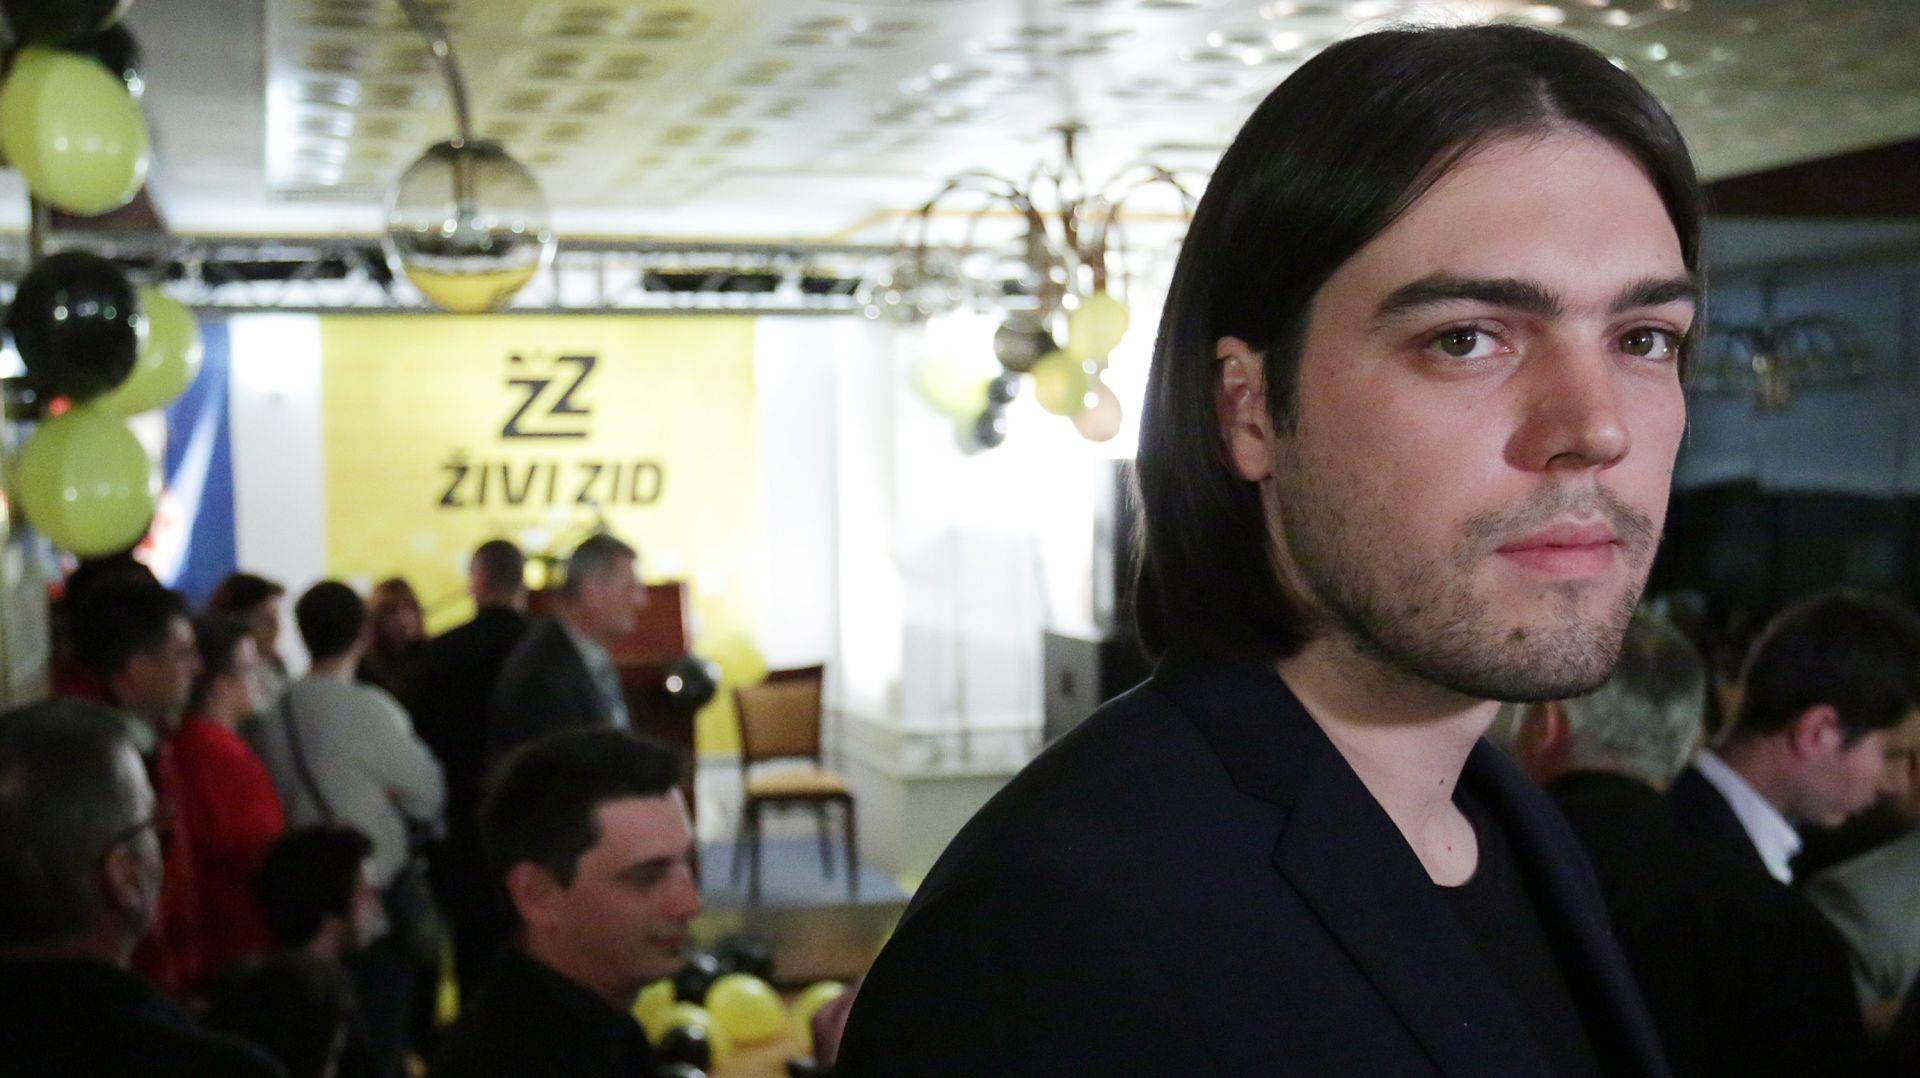 """PROBLEMI U ŽIVOM ZIDU Sinčić na Facebooku: """"Dio ljudi unutar stranke pokušao preuzeti upravljanje organizacijom"""""""